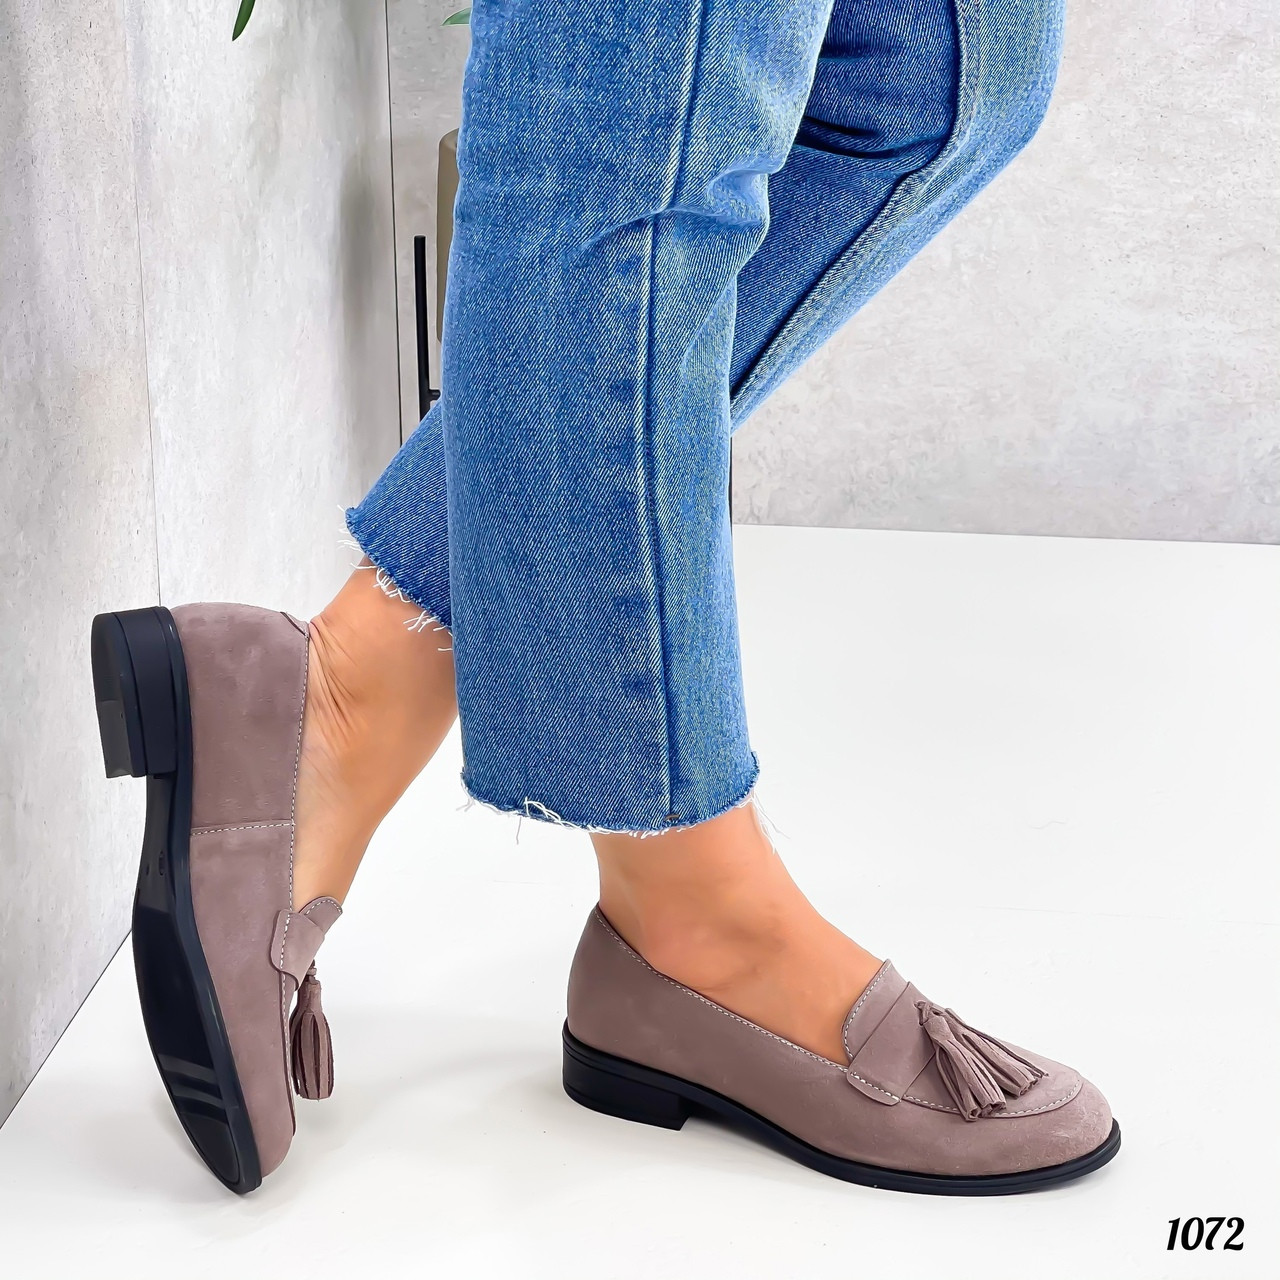 Бежевые туфли на низком каблуке 1072 (ТМ)